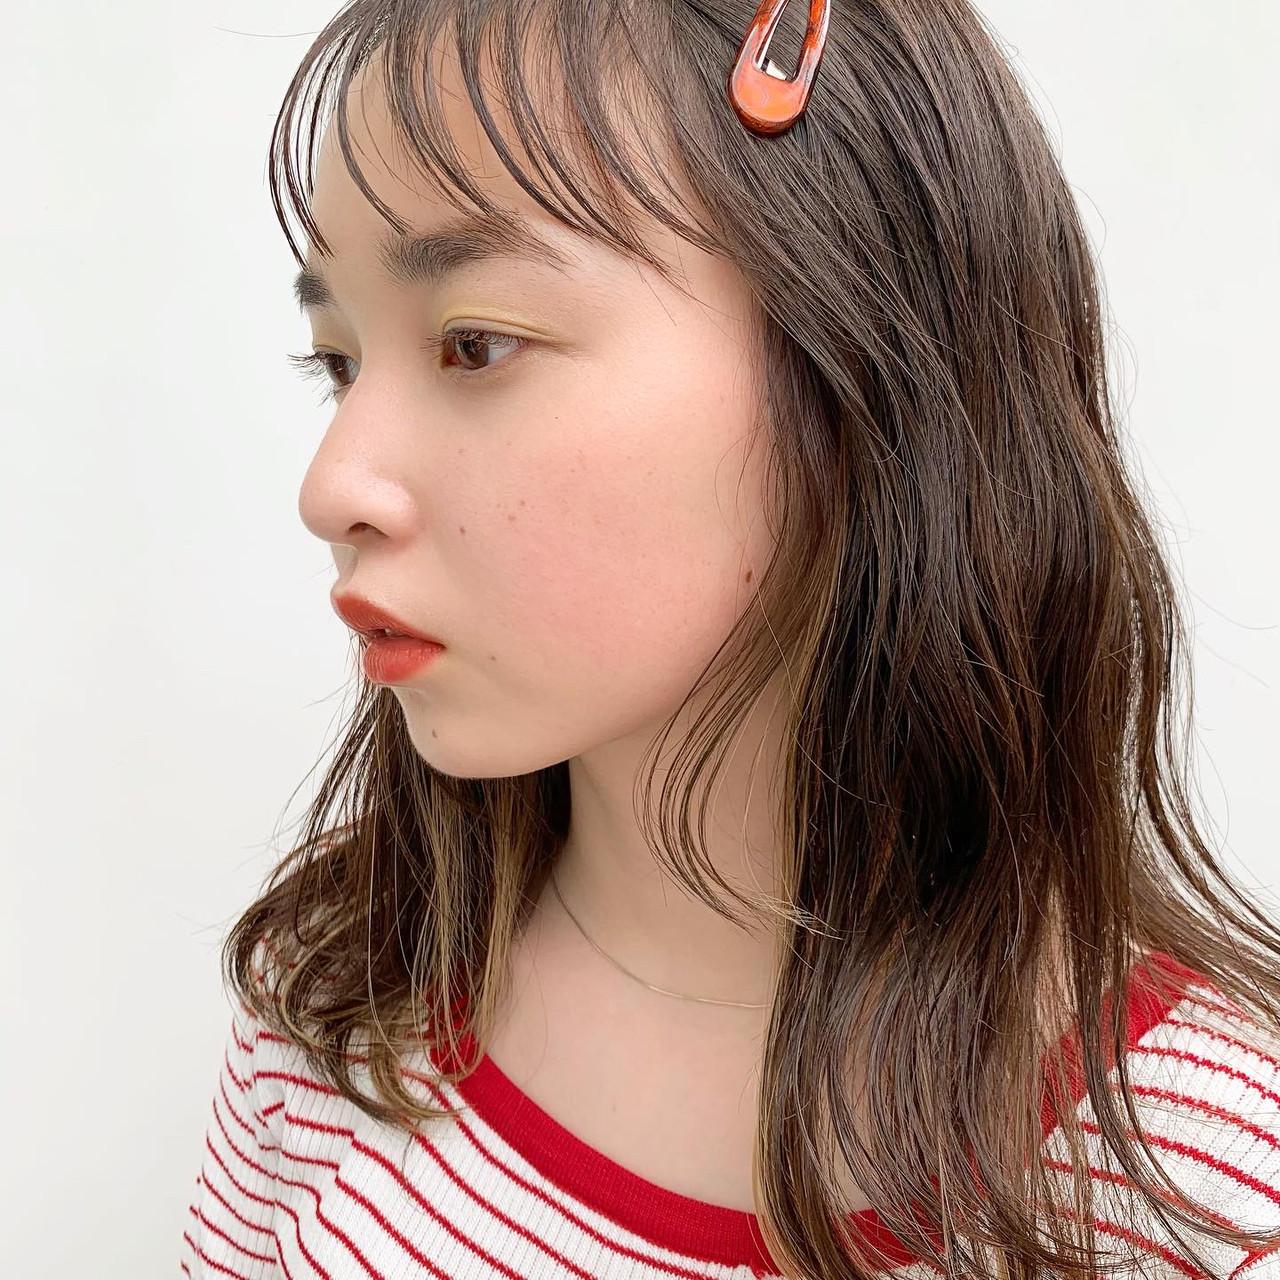 ミディアム ナチュラル インナーカラー ブリーチカラーヘアスタイルや髪型の写真・画像